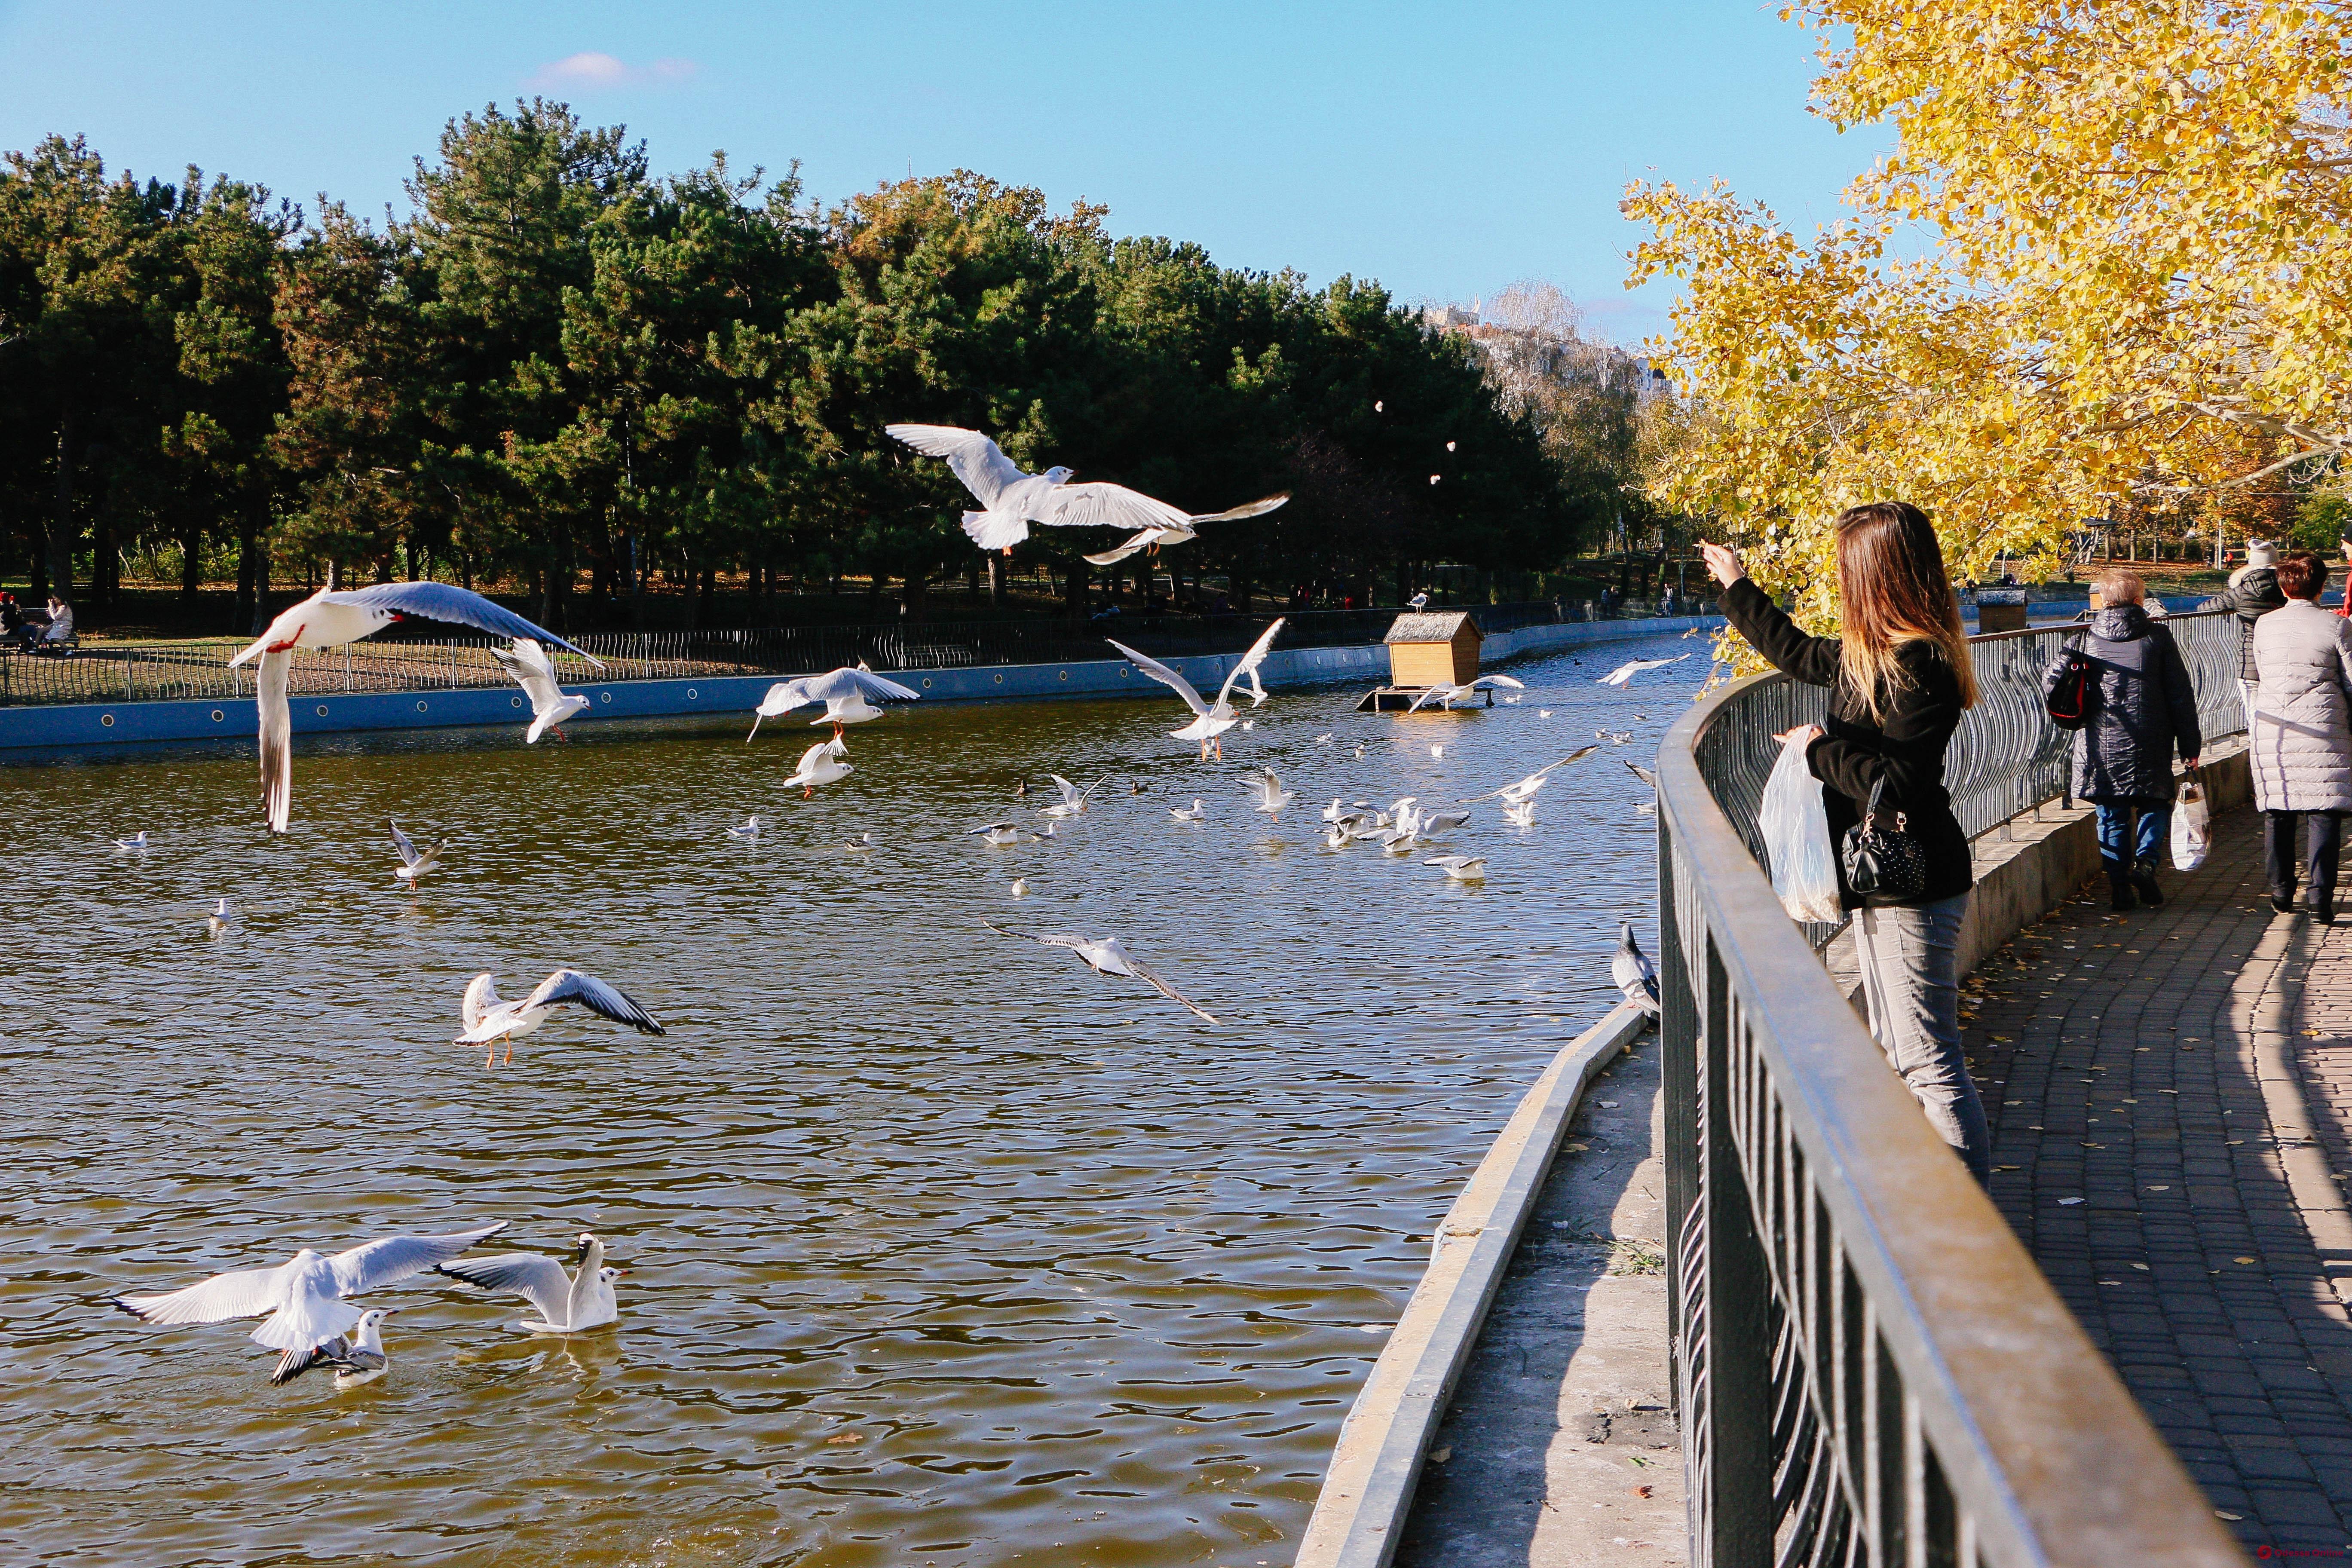 Последние дни золотой осени в парке Победы (фоторепортаж)